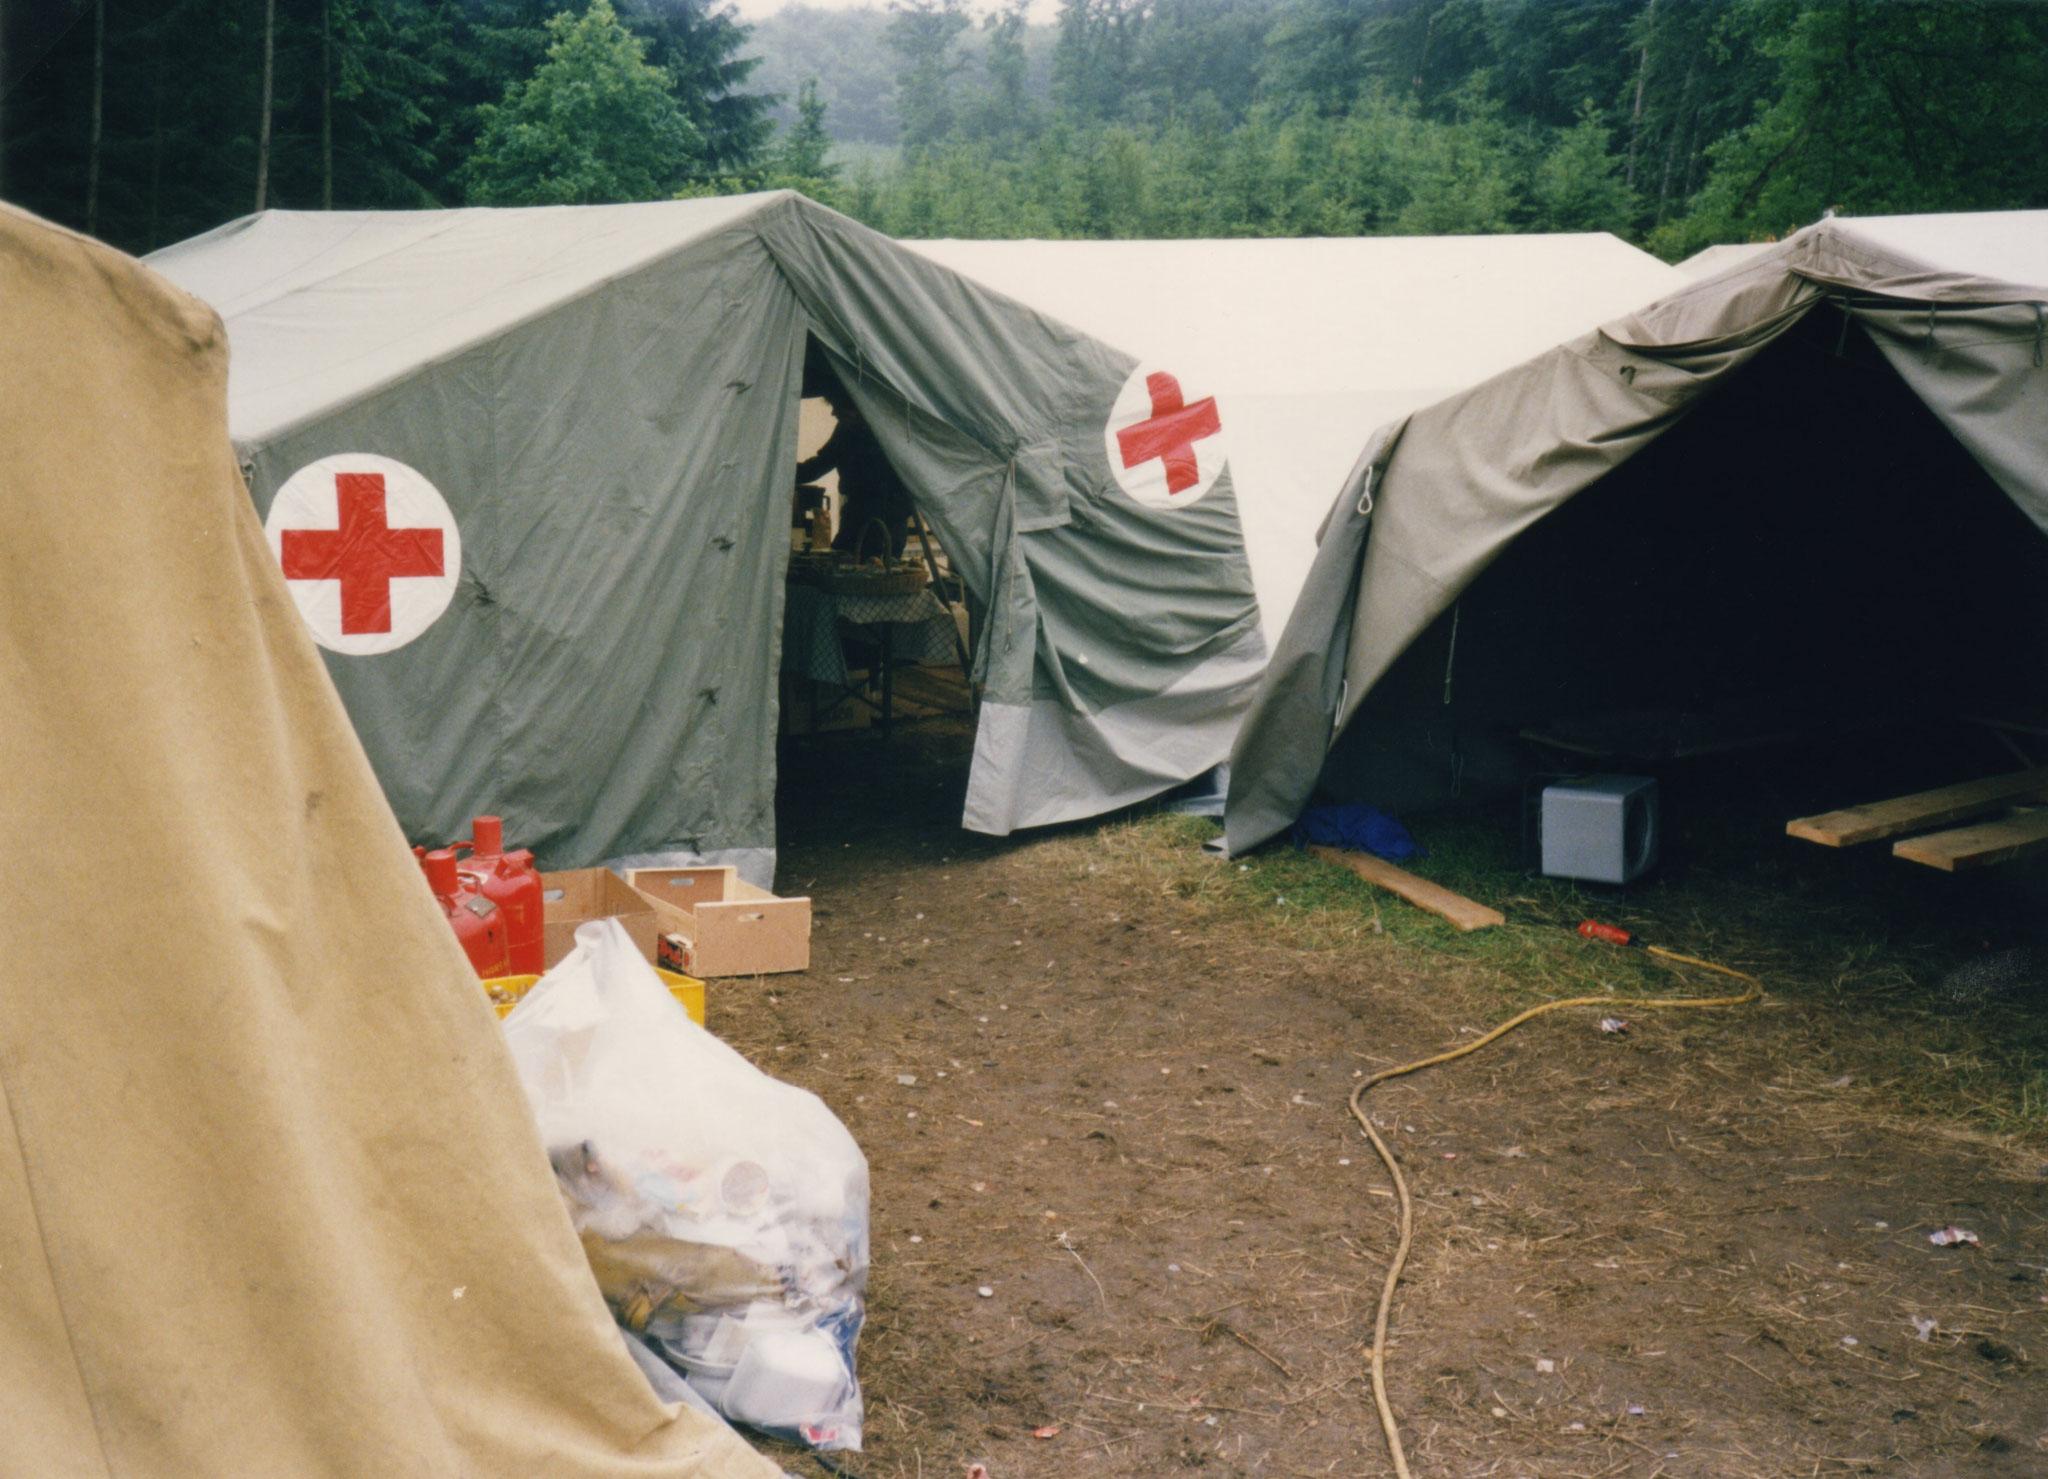 Ruhe und Versorgungszelte des Roten-Kreuzes und des THW